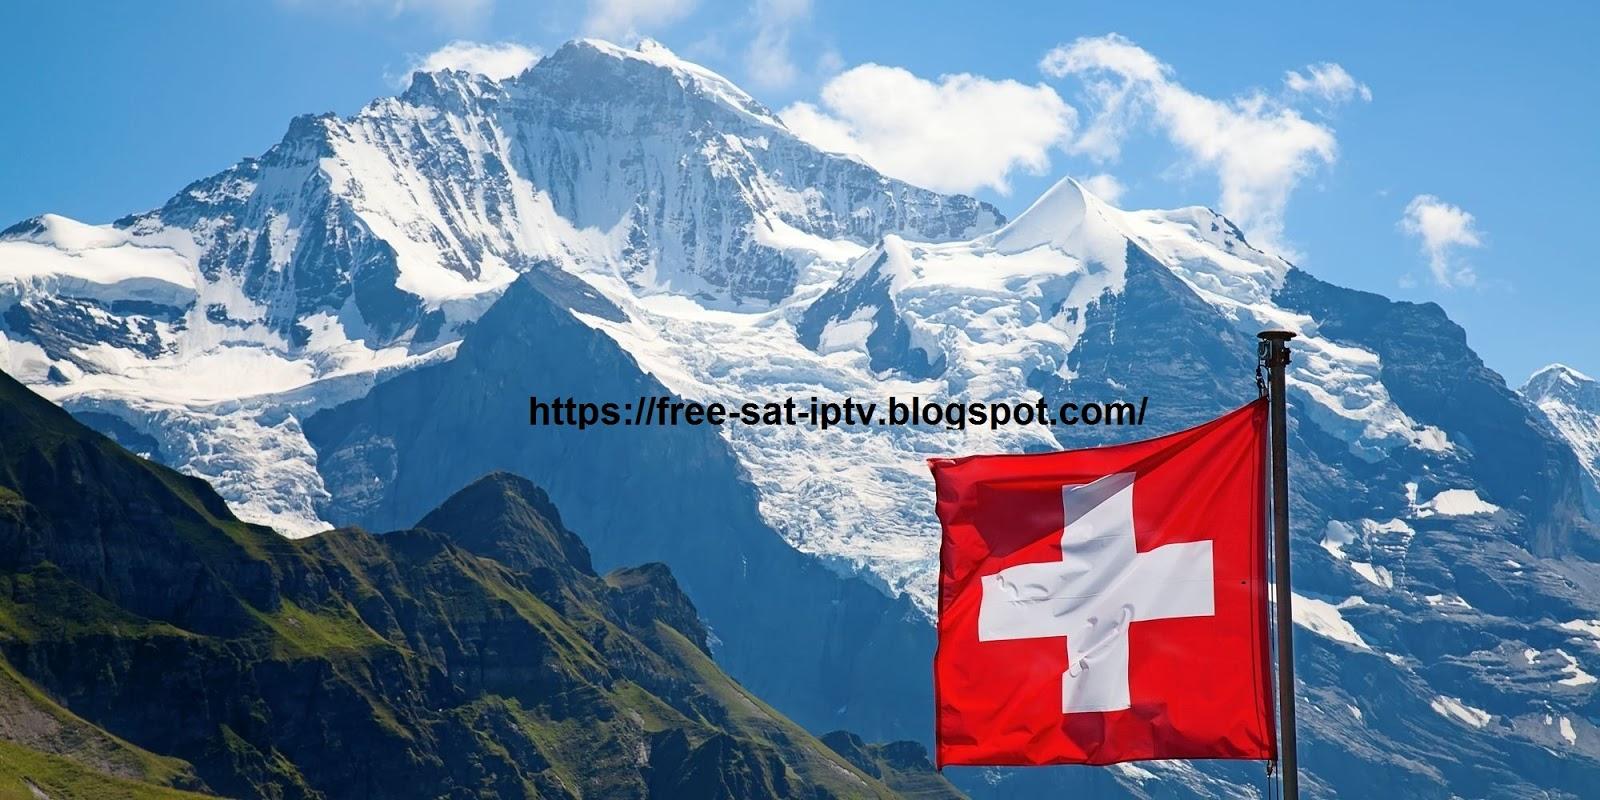 Iptv Schweiz